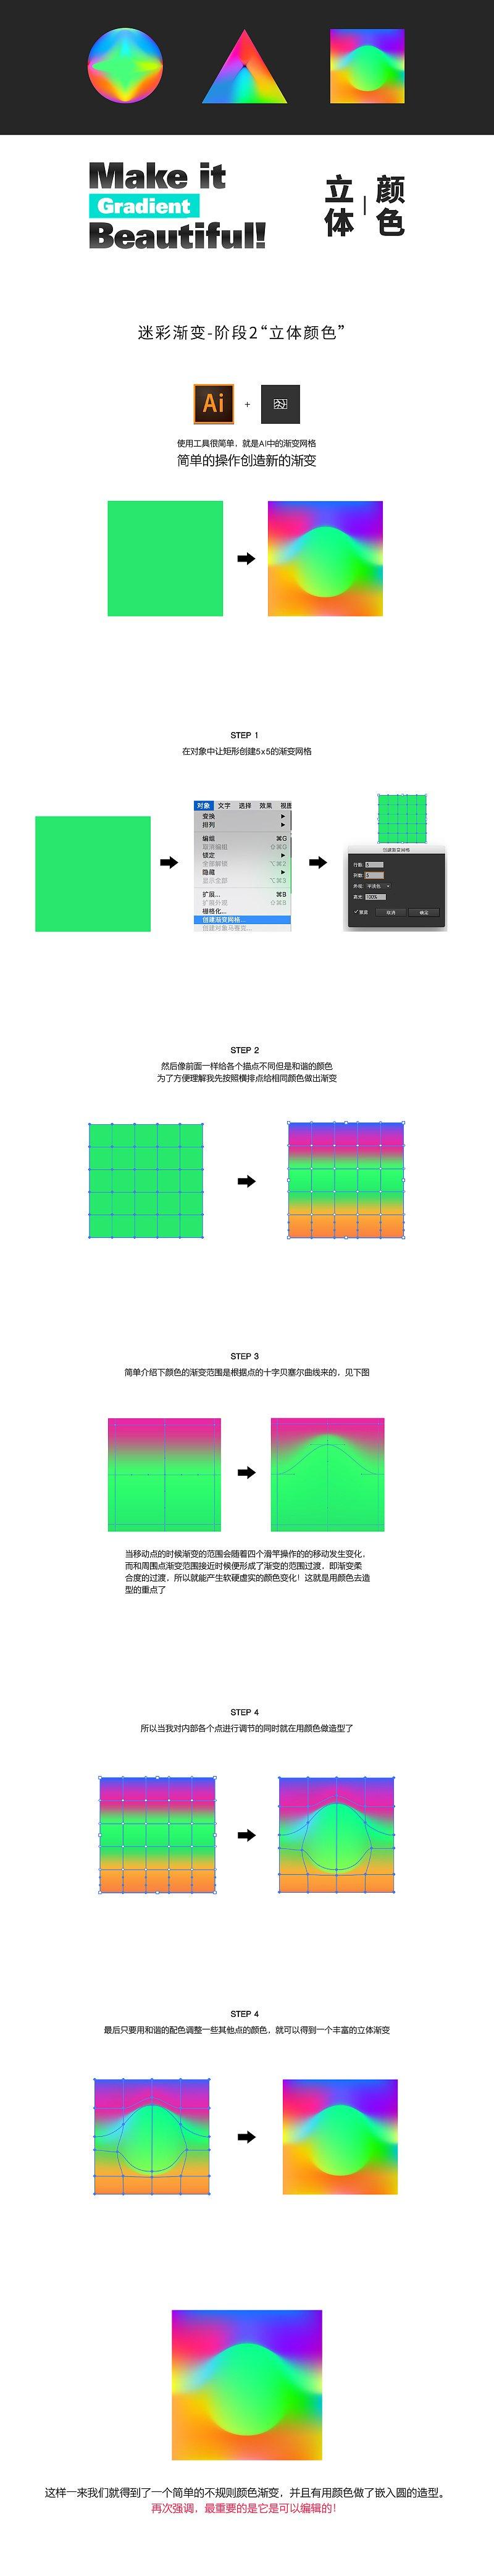 iPhone X的壁纸教程19